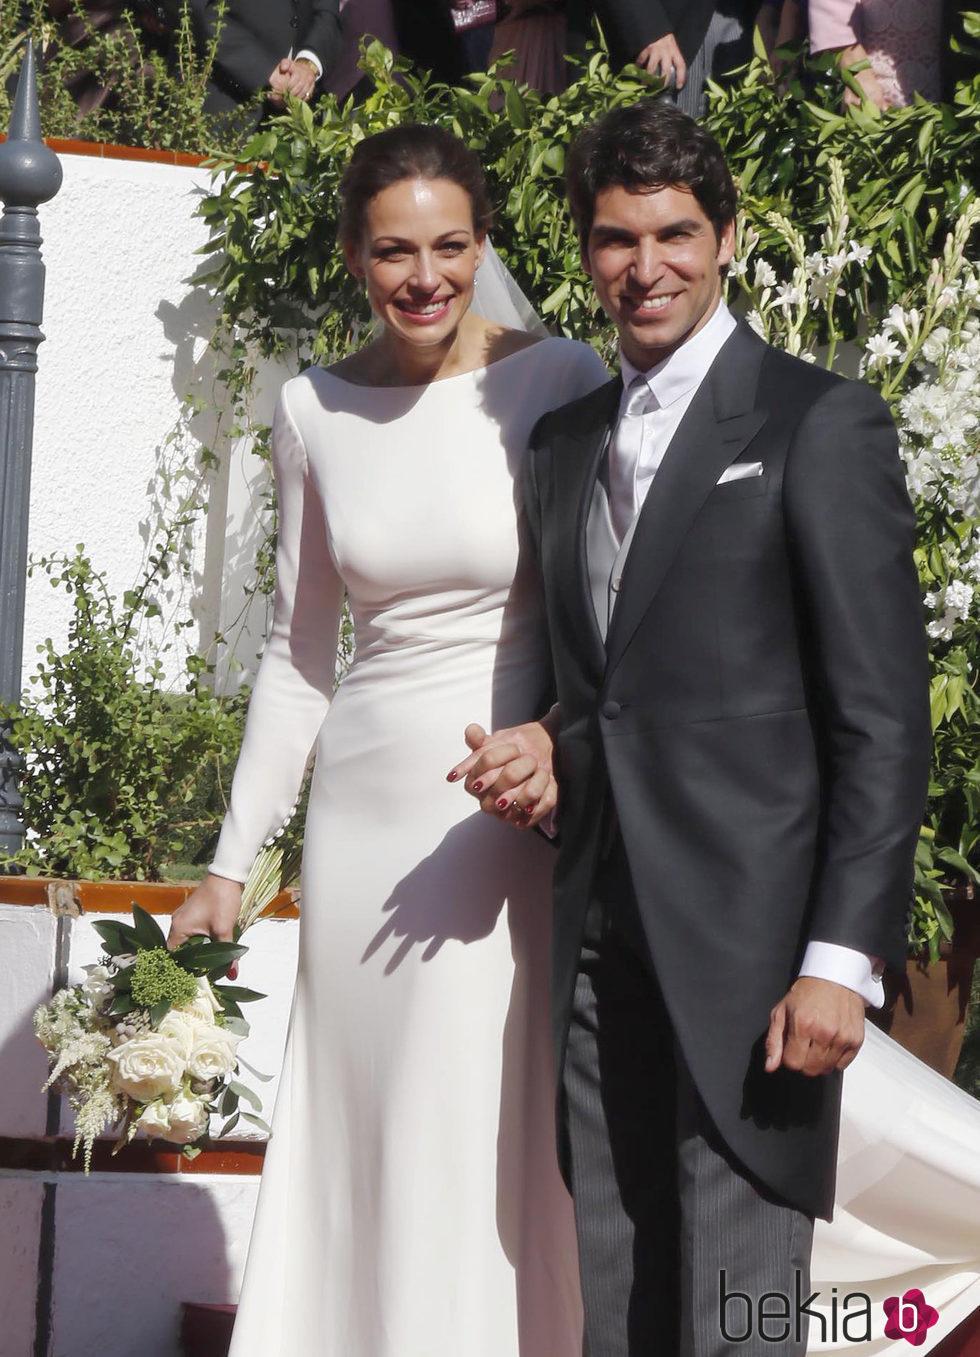 Eva gonz lez y cayetano rivera muy felices tras su boda for Cayetano rivera y blanca romero boda